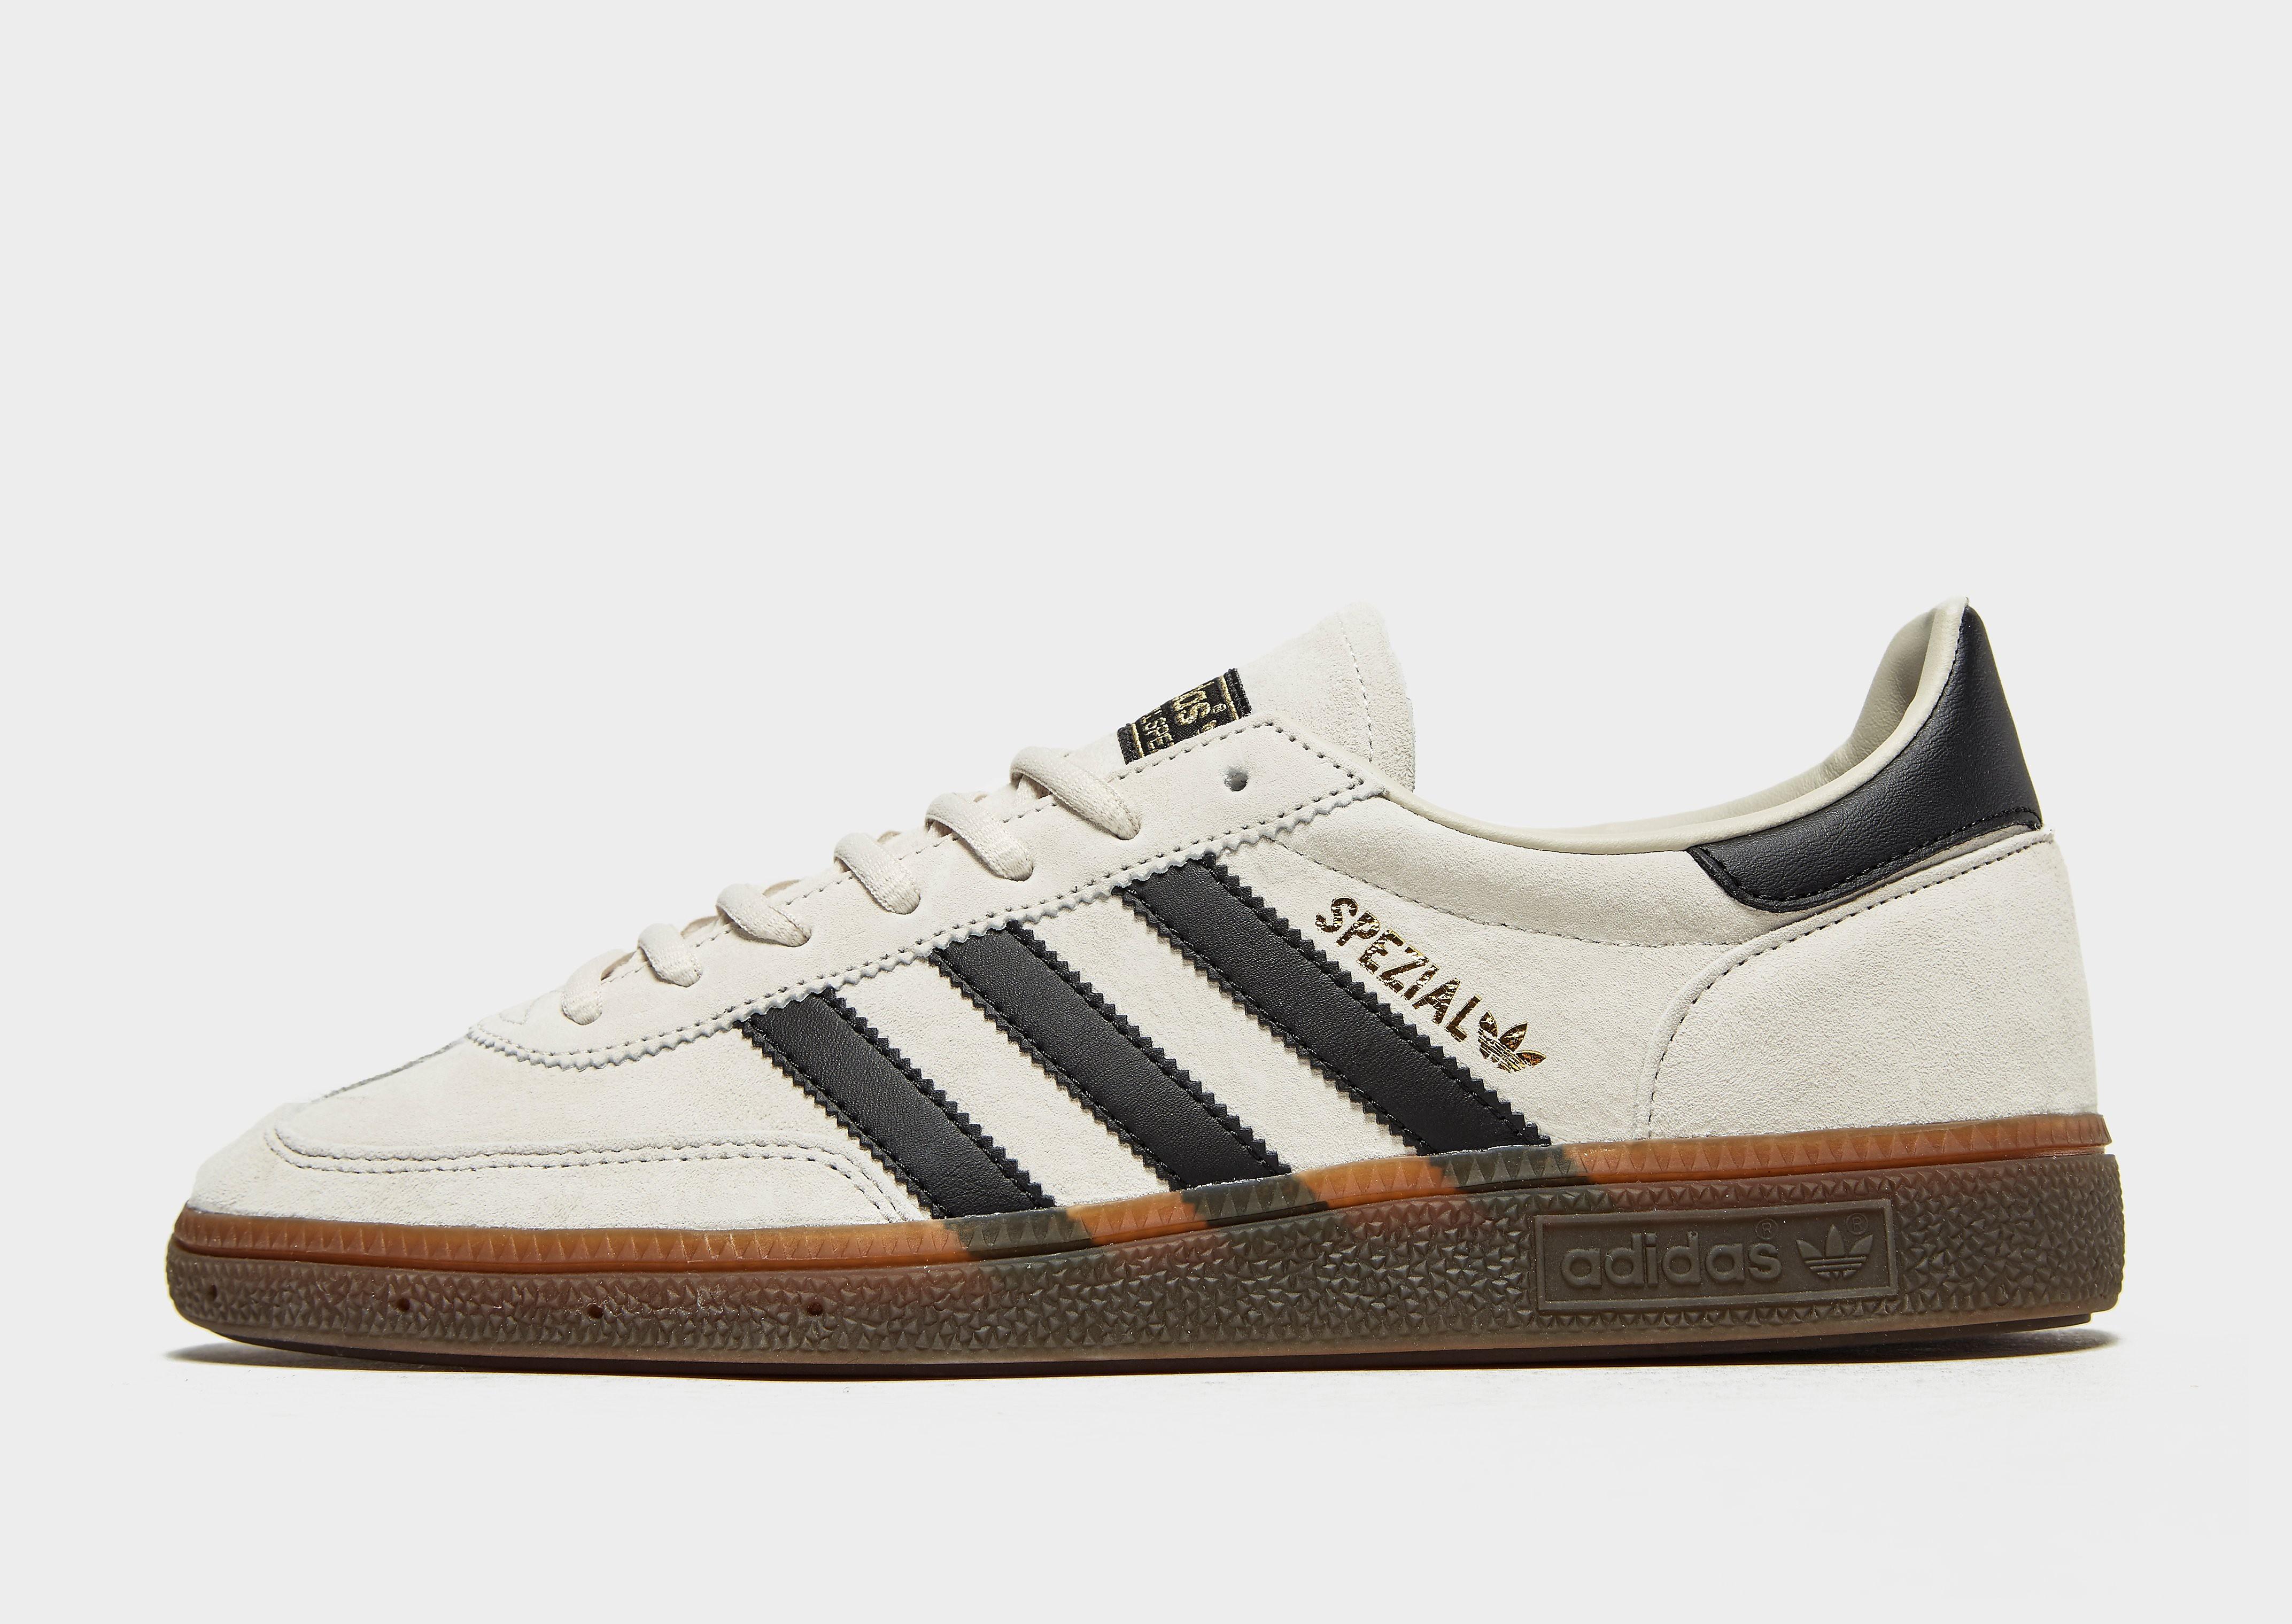 Adidas Spezial herensneaker wit, zwart en goud